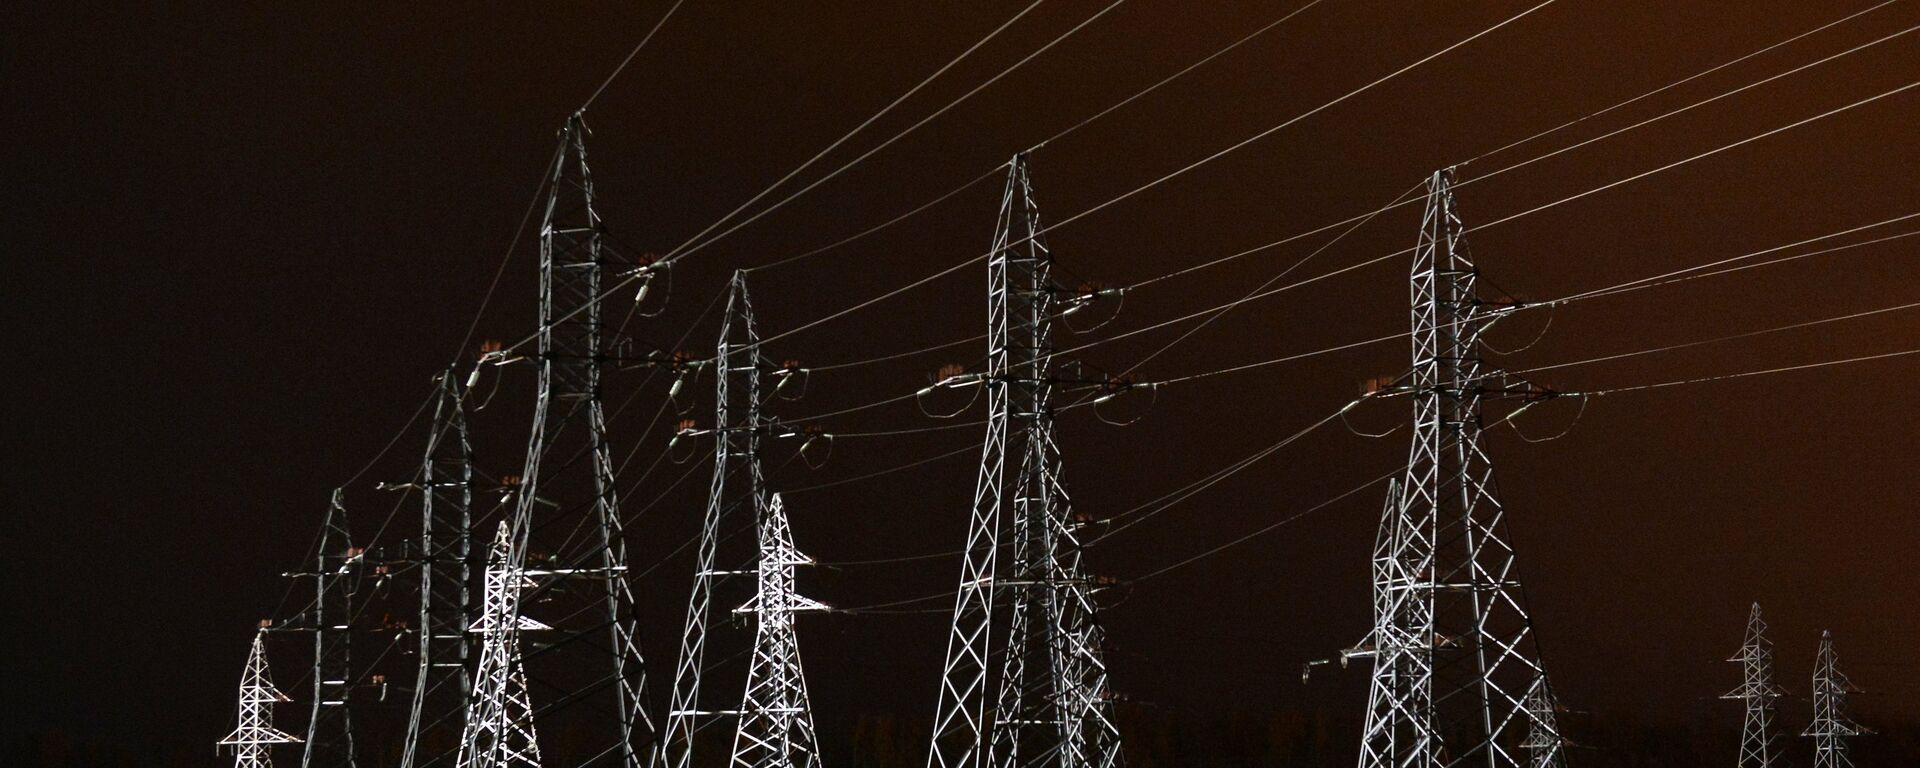 Высоковольтные линии электропередач - Sputnik Узбекистан, 1920, 04.10.2021